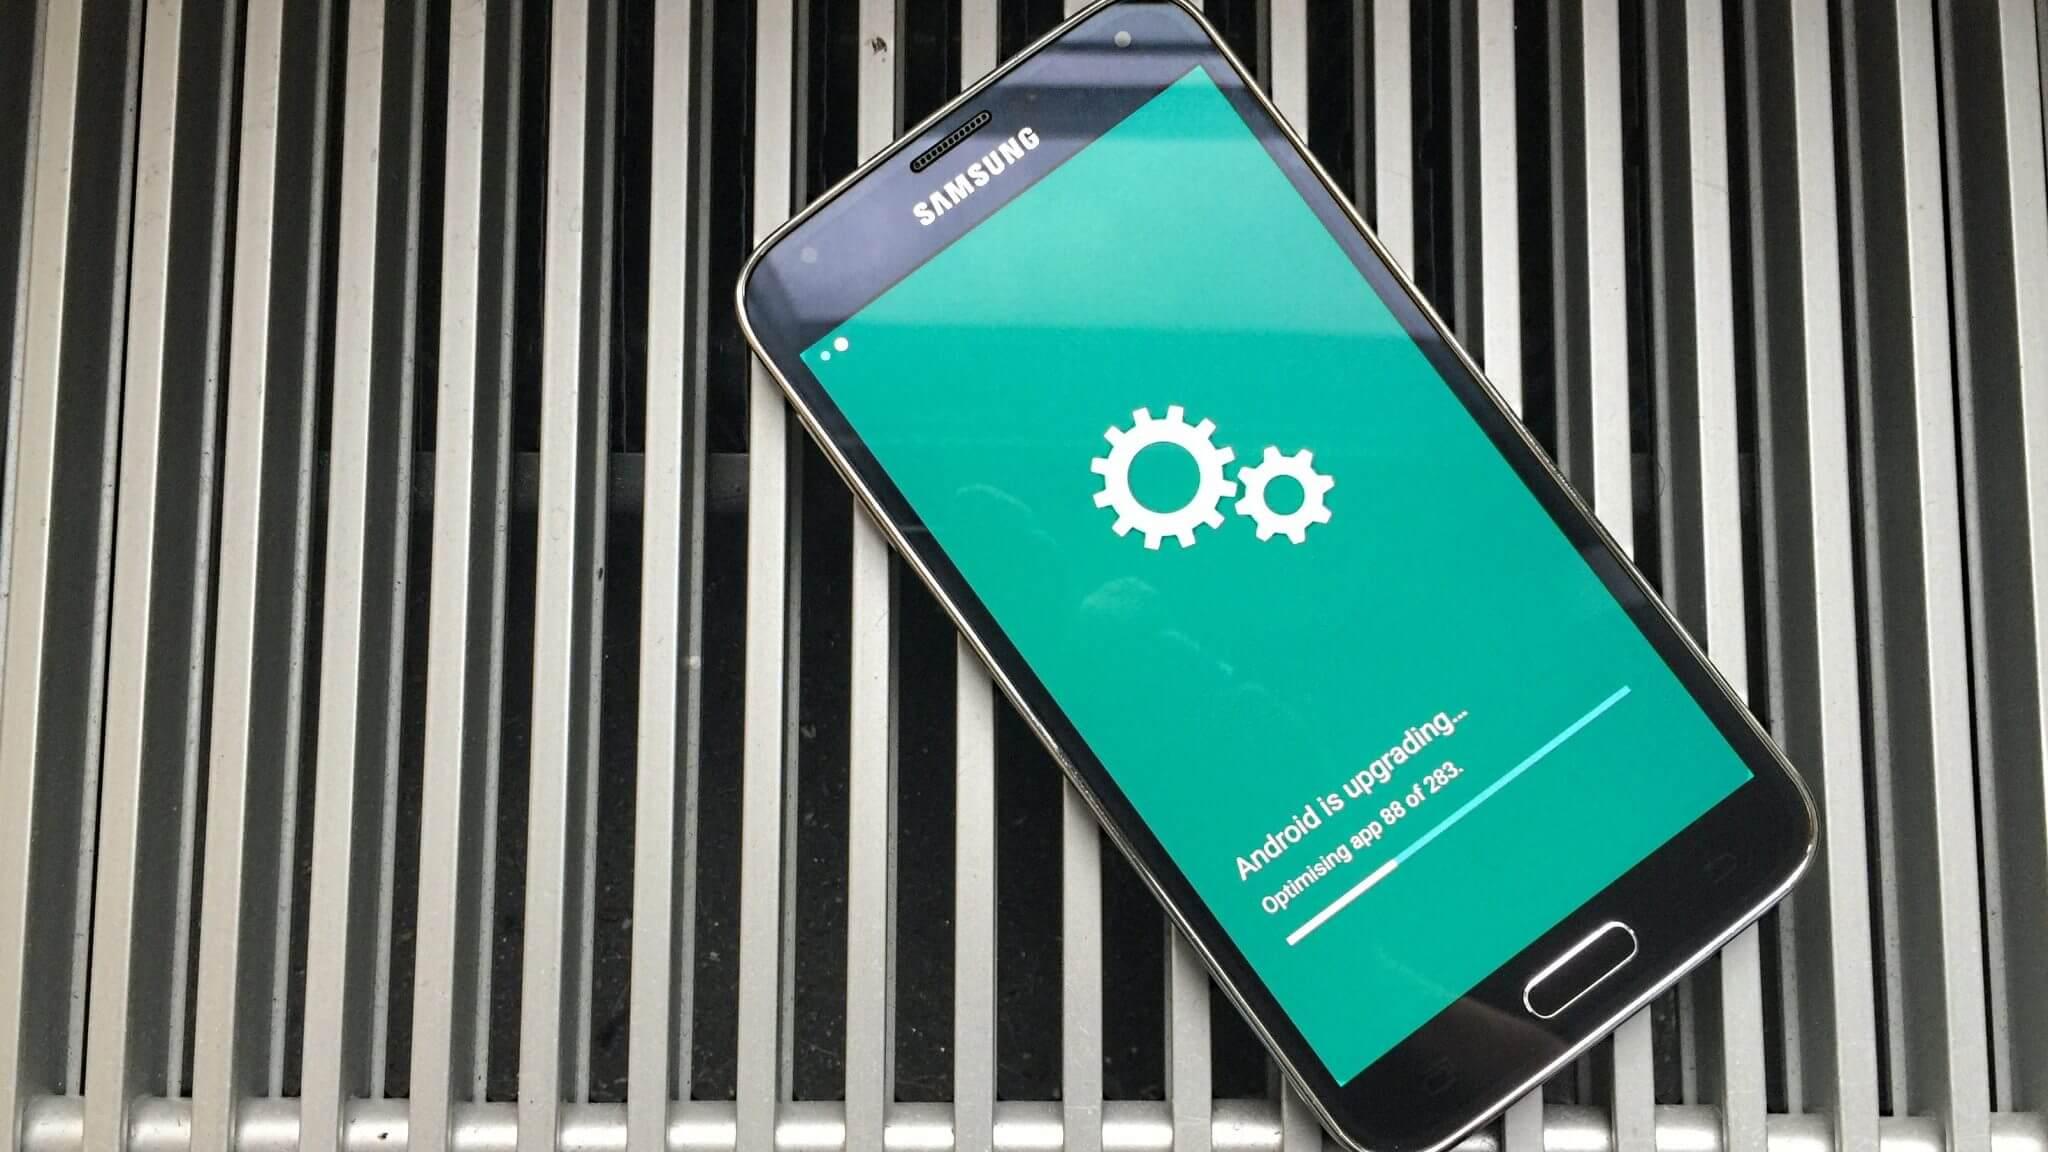 Android atualização - Aprenda a atualizar seu smartphone ou tablet com Android